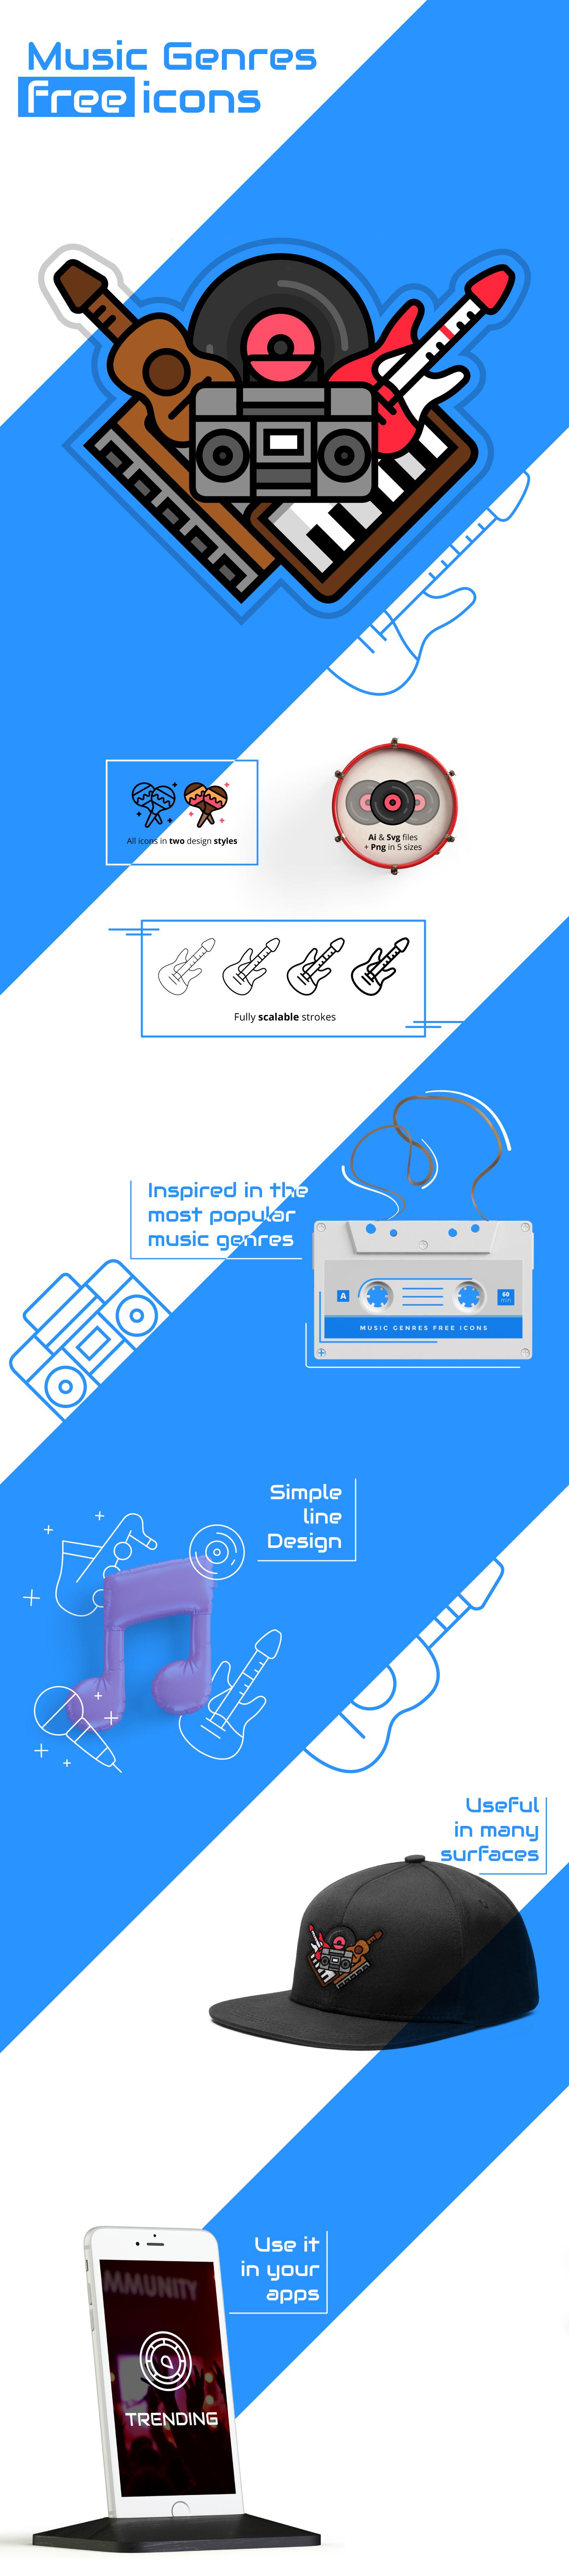 music_genres_free_icon_set